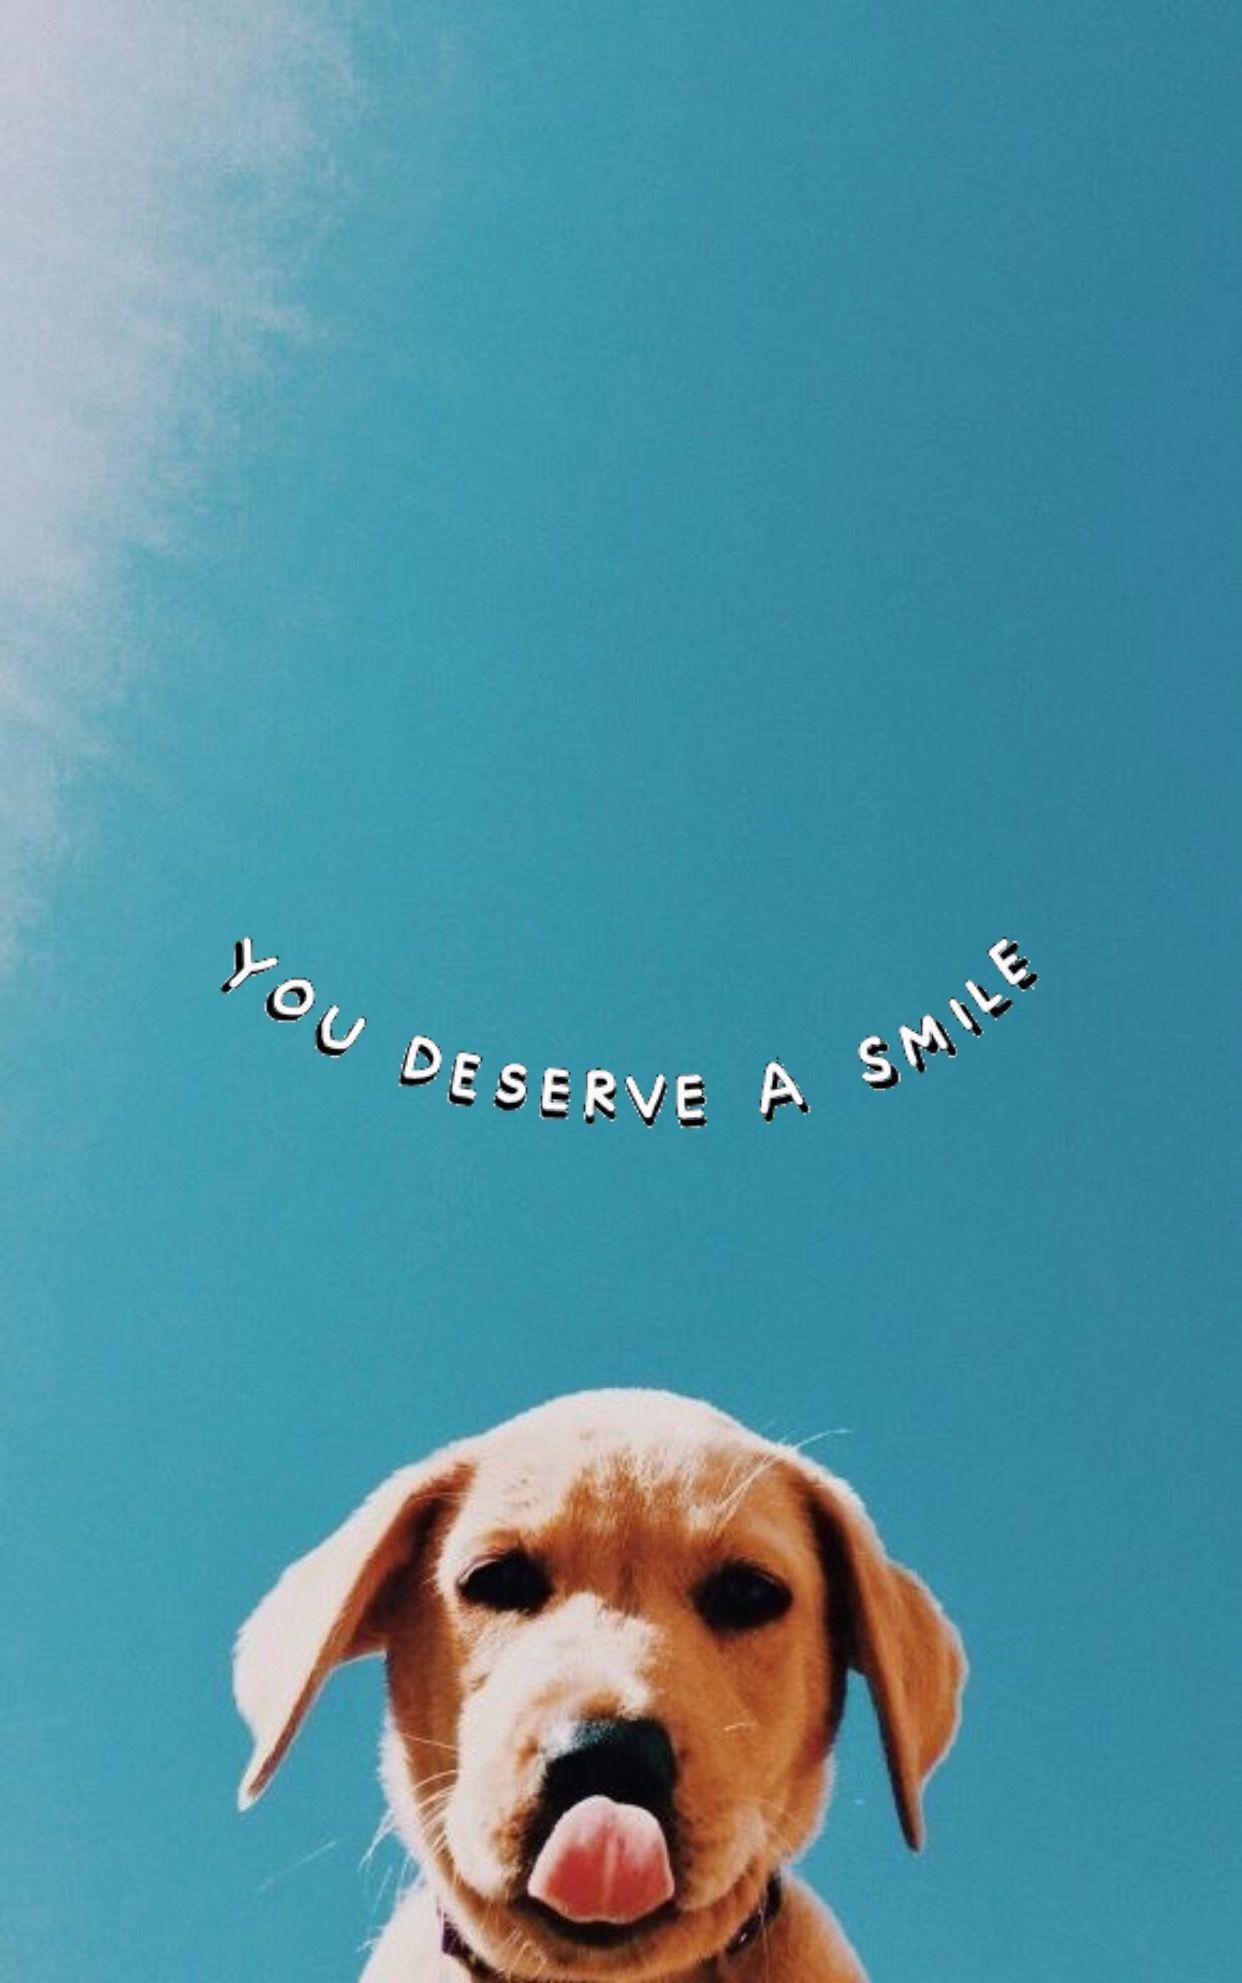 VSCO summavibezlovin Funny iphone wallpaper, Cute dog